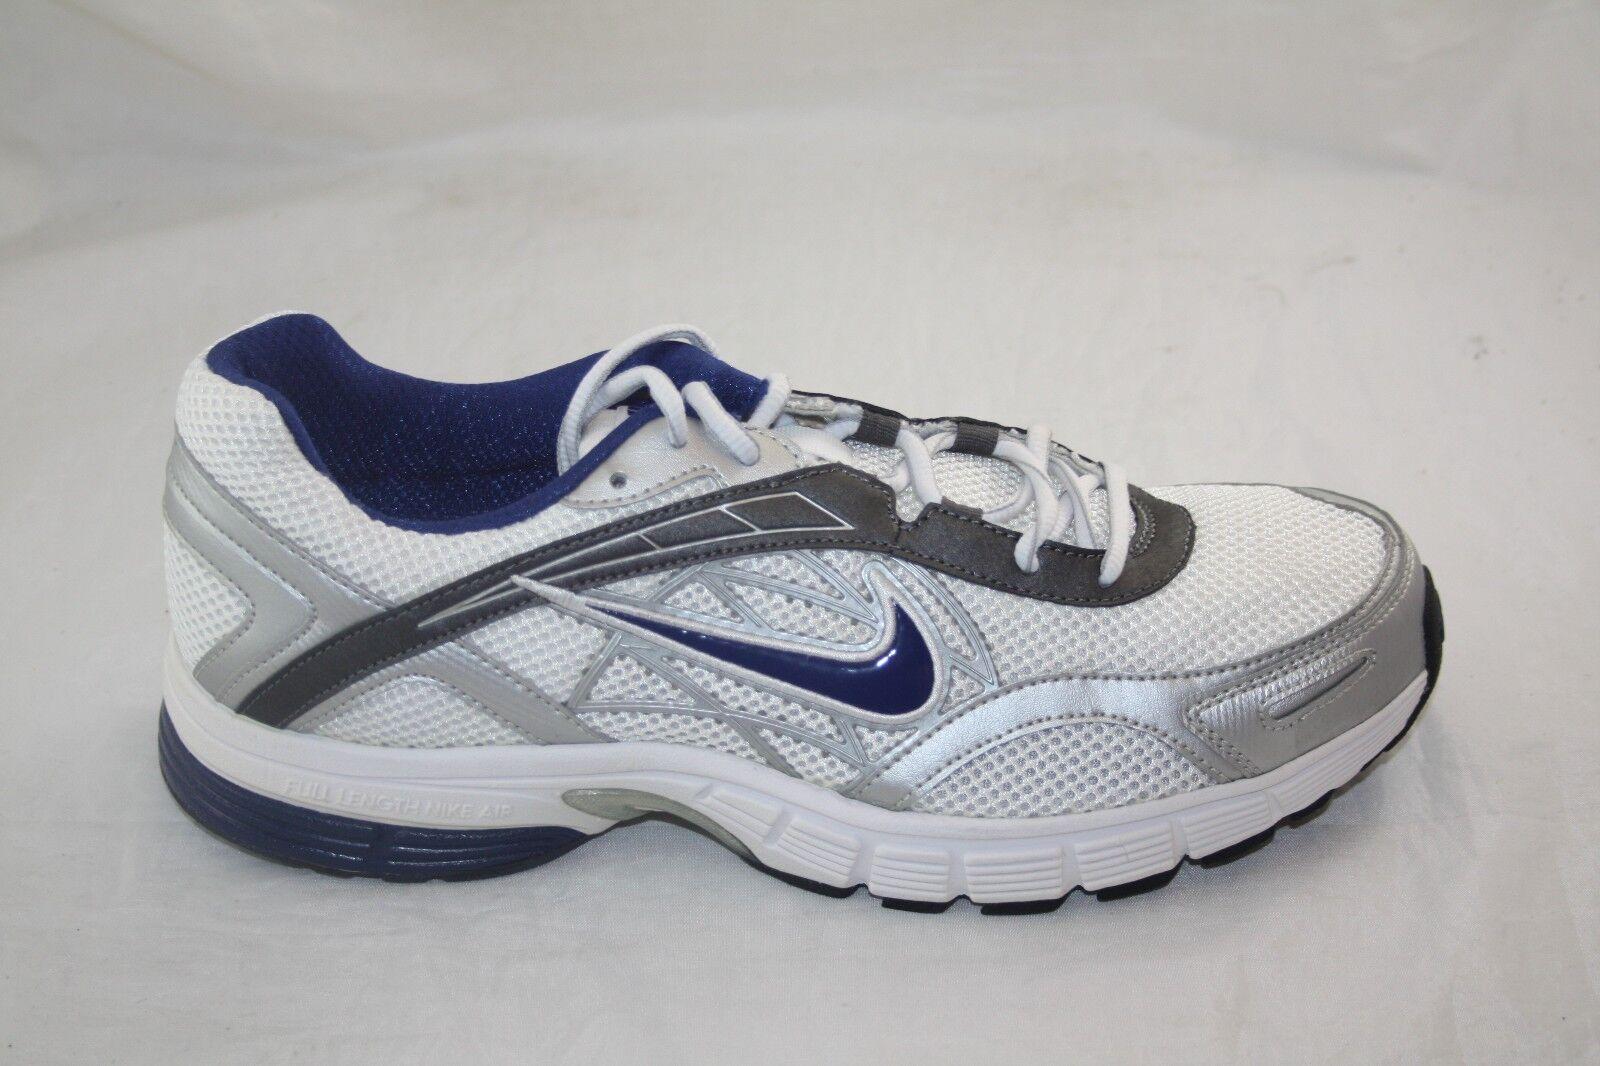 Los hombres de Nike Air alasis   Deep 4 MSL 432156-101 Blanco Deep  Royal metallc gris oscuro 92e6f6